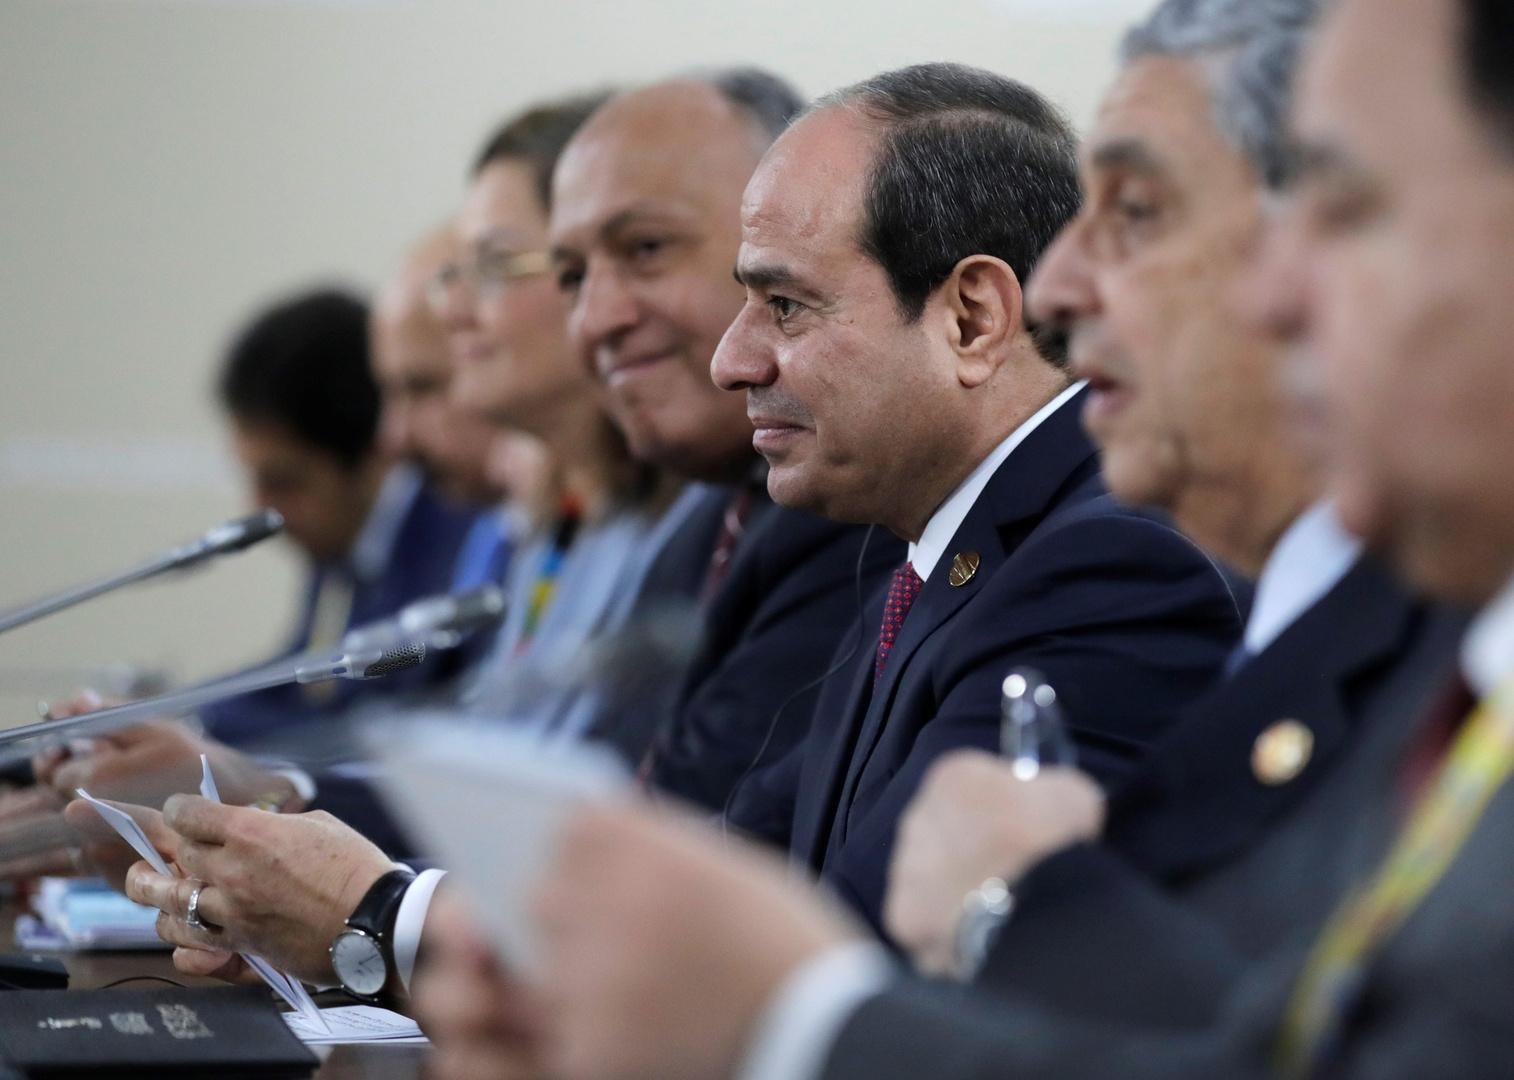 مصر.. السيسي يعقد اجتماعا حكوميا حضره وزير الدفاع وقيادة المخابرات